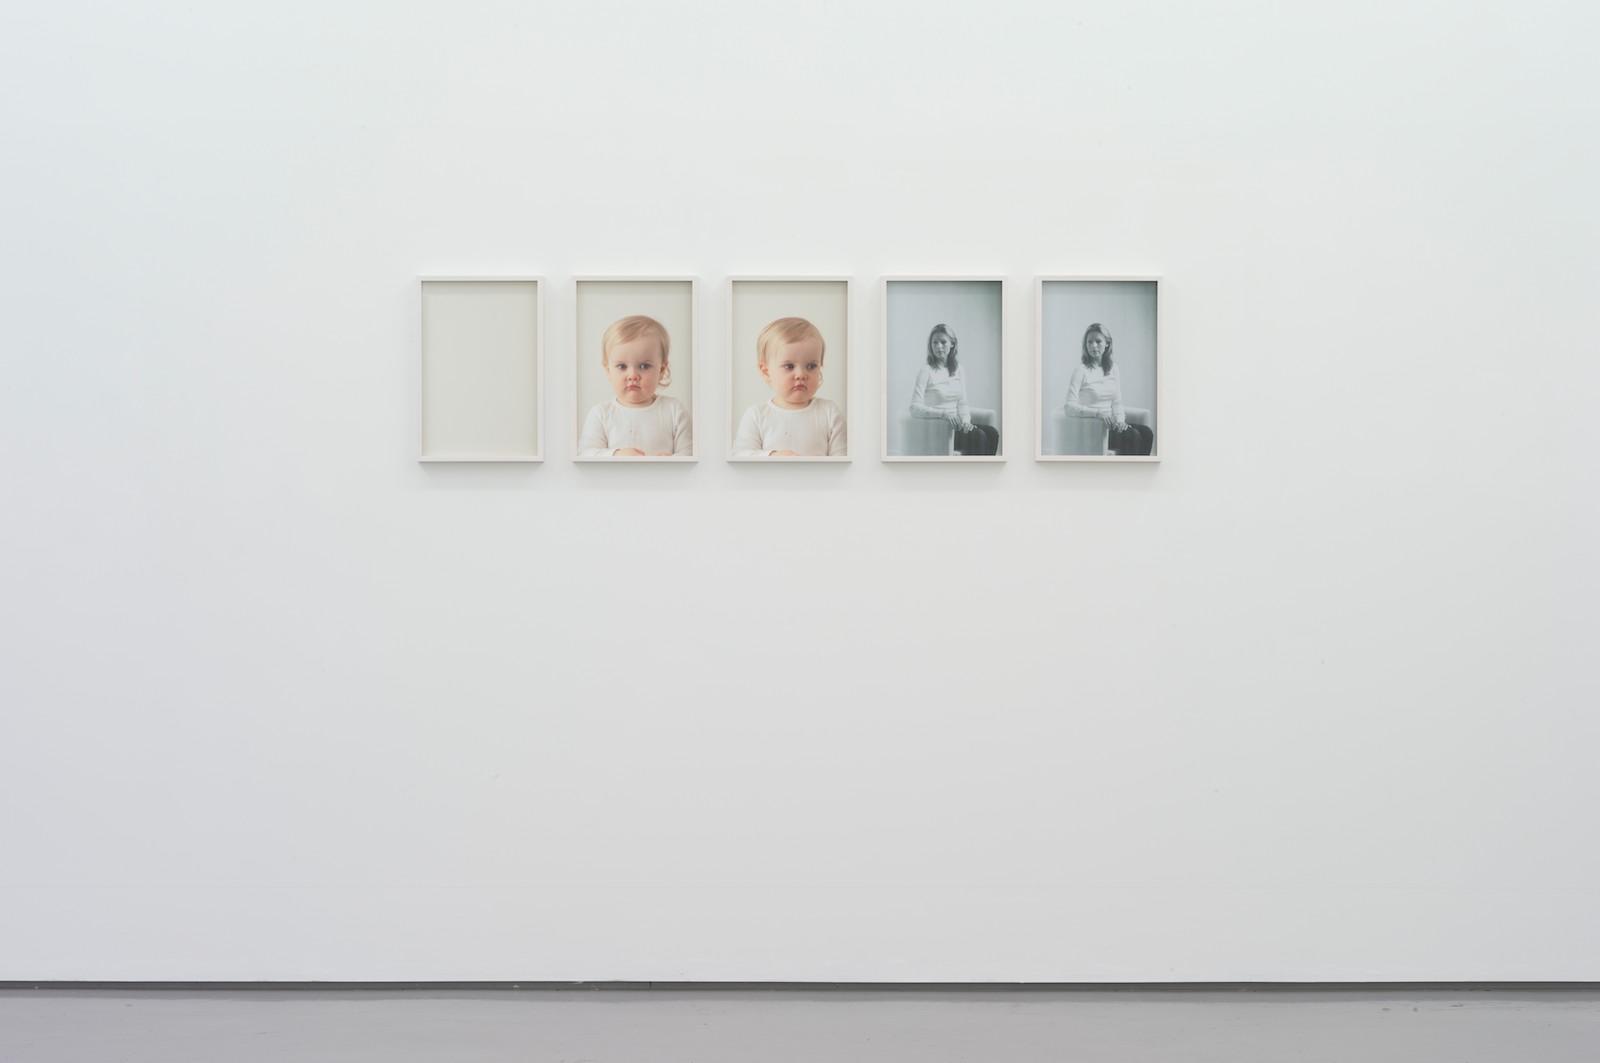 nina (infant), 2013, gicleé print, 50 x 33,2 cm (each, 3 parts), ed. 5 / nina (xerox), 2013, gicleé print, 50 x 33,2 cm, ed. 5